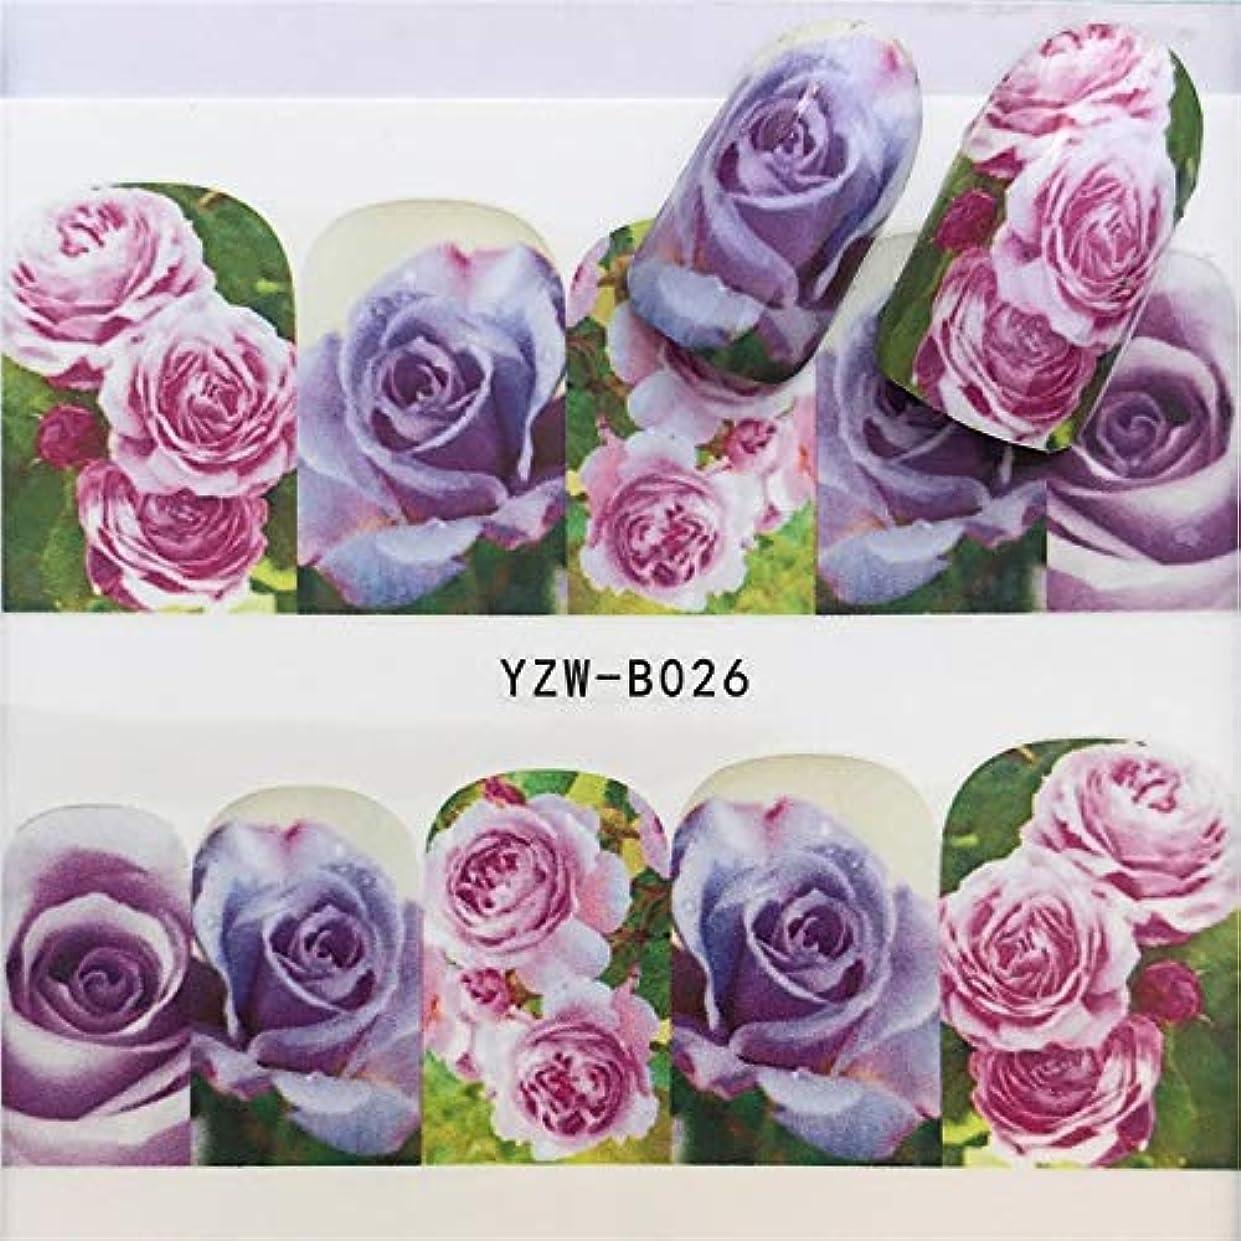 ファントム元に戻すキリスト手足ビューティーケア 3個ネイルステッカーセットデカール水転写スライダーネイルアートデコレーション、色:YZWB026